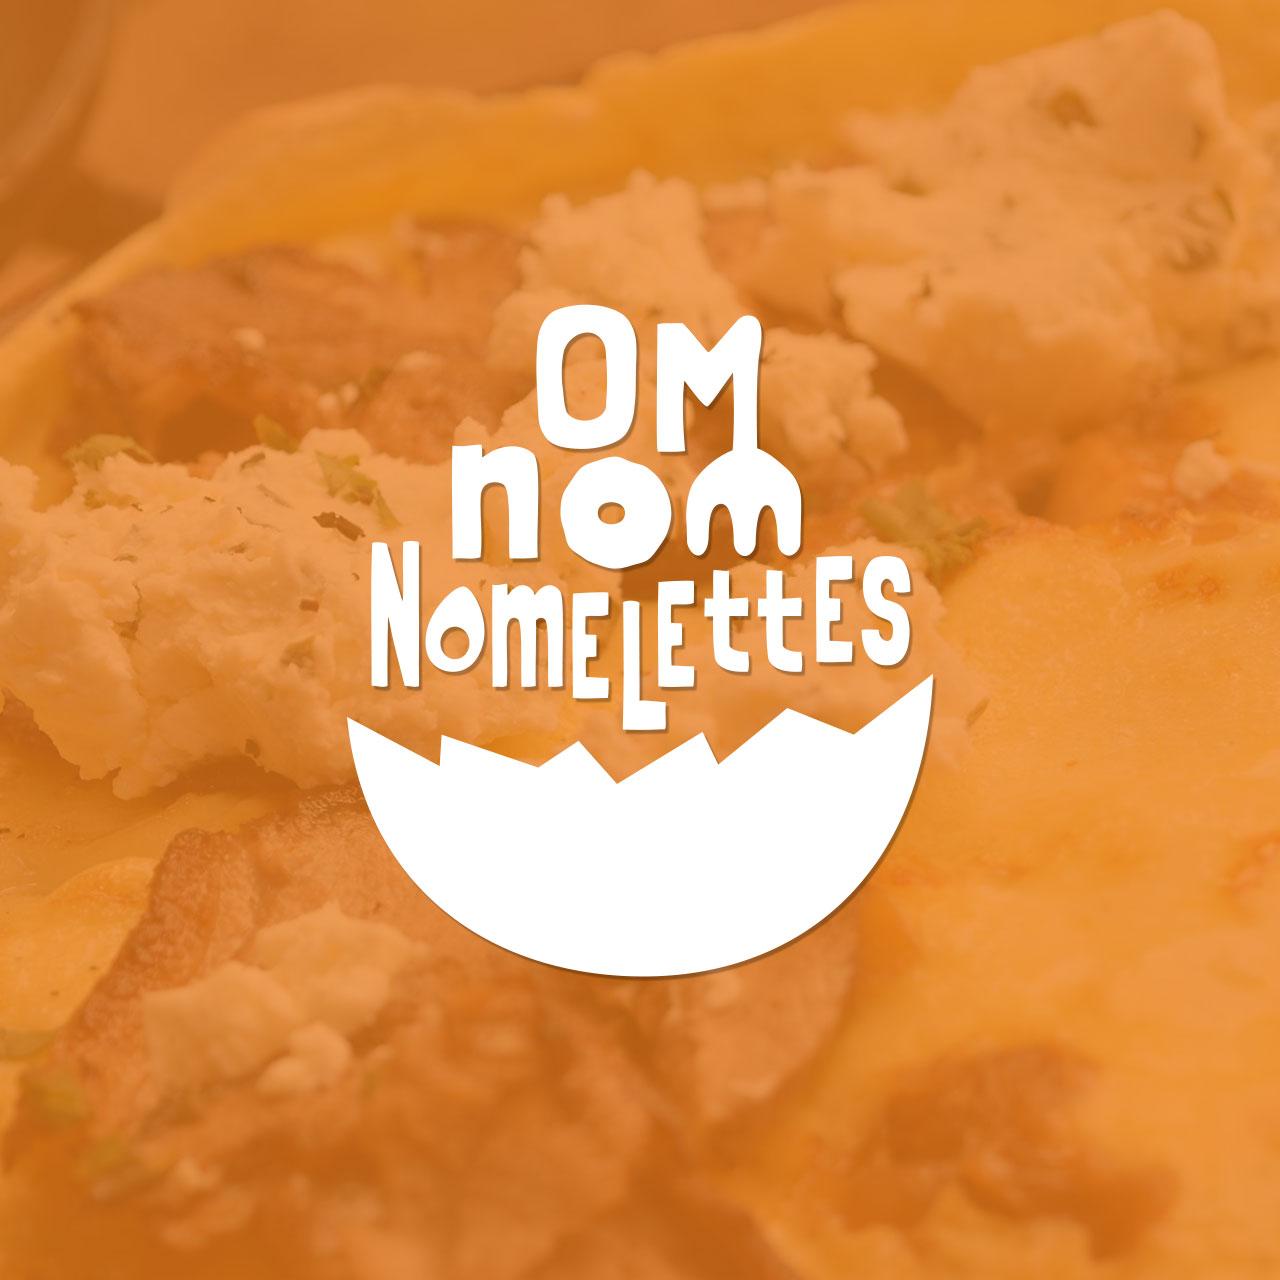 Om Nom Nomelettes Logo, Identity, & Website